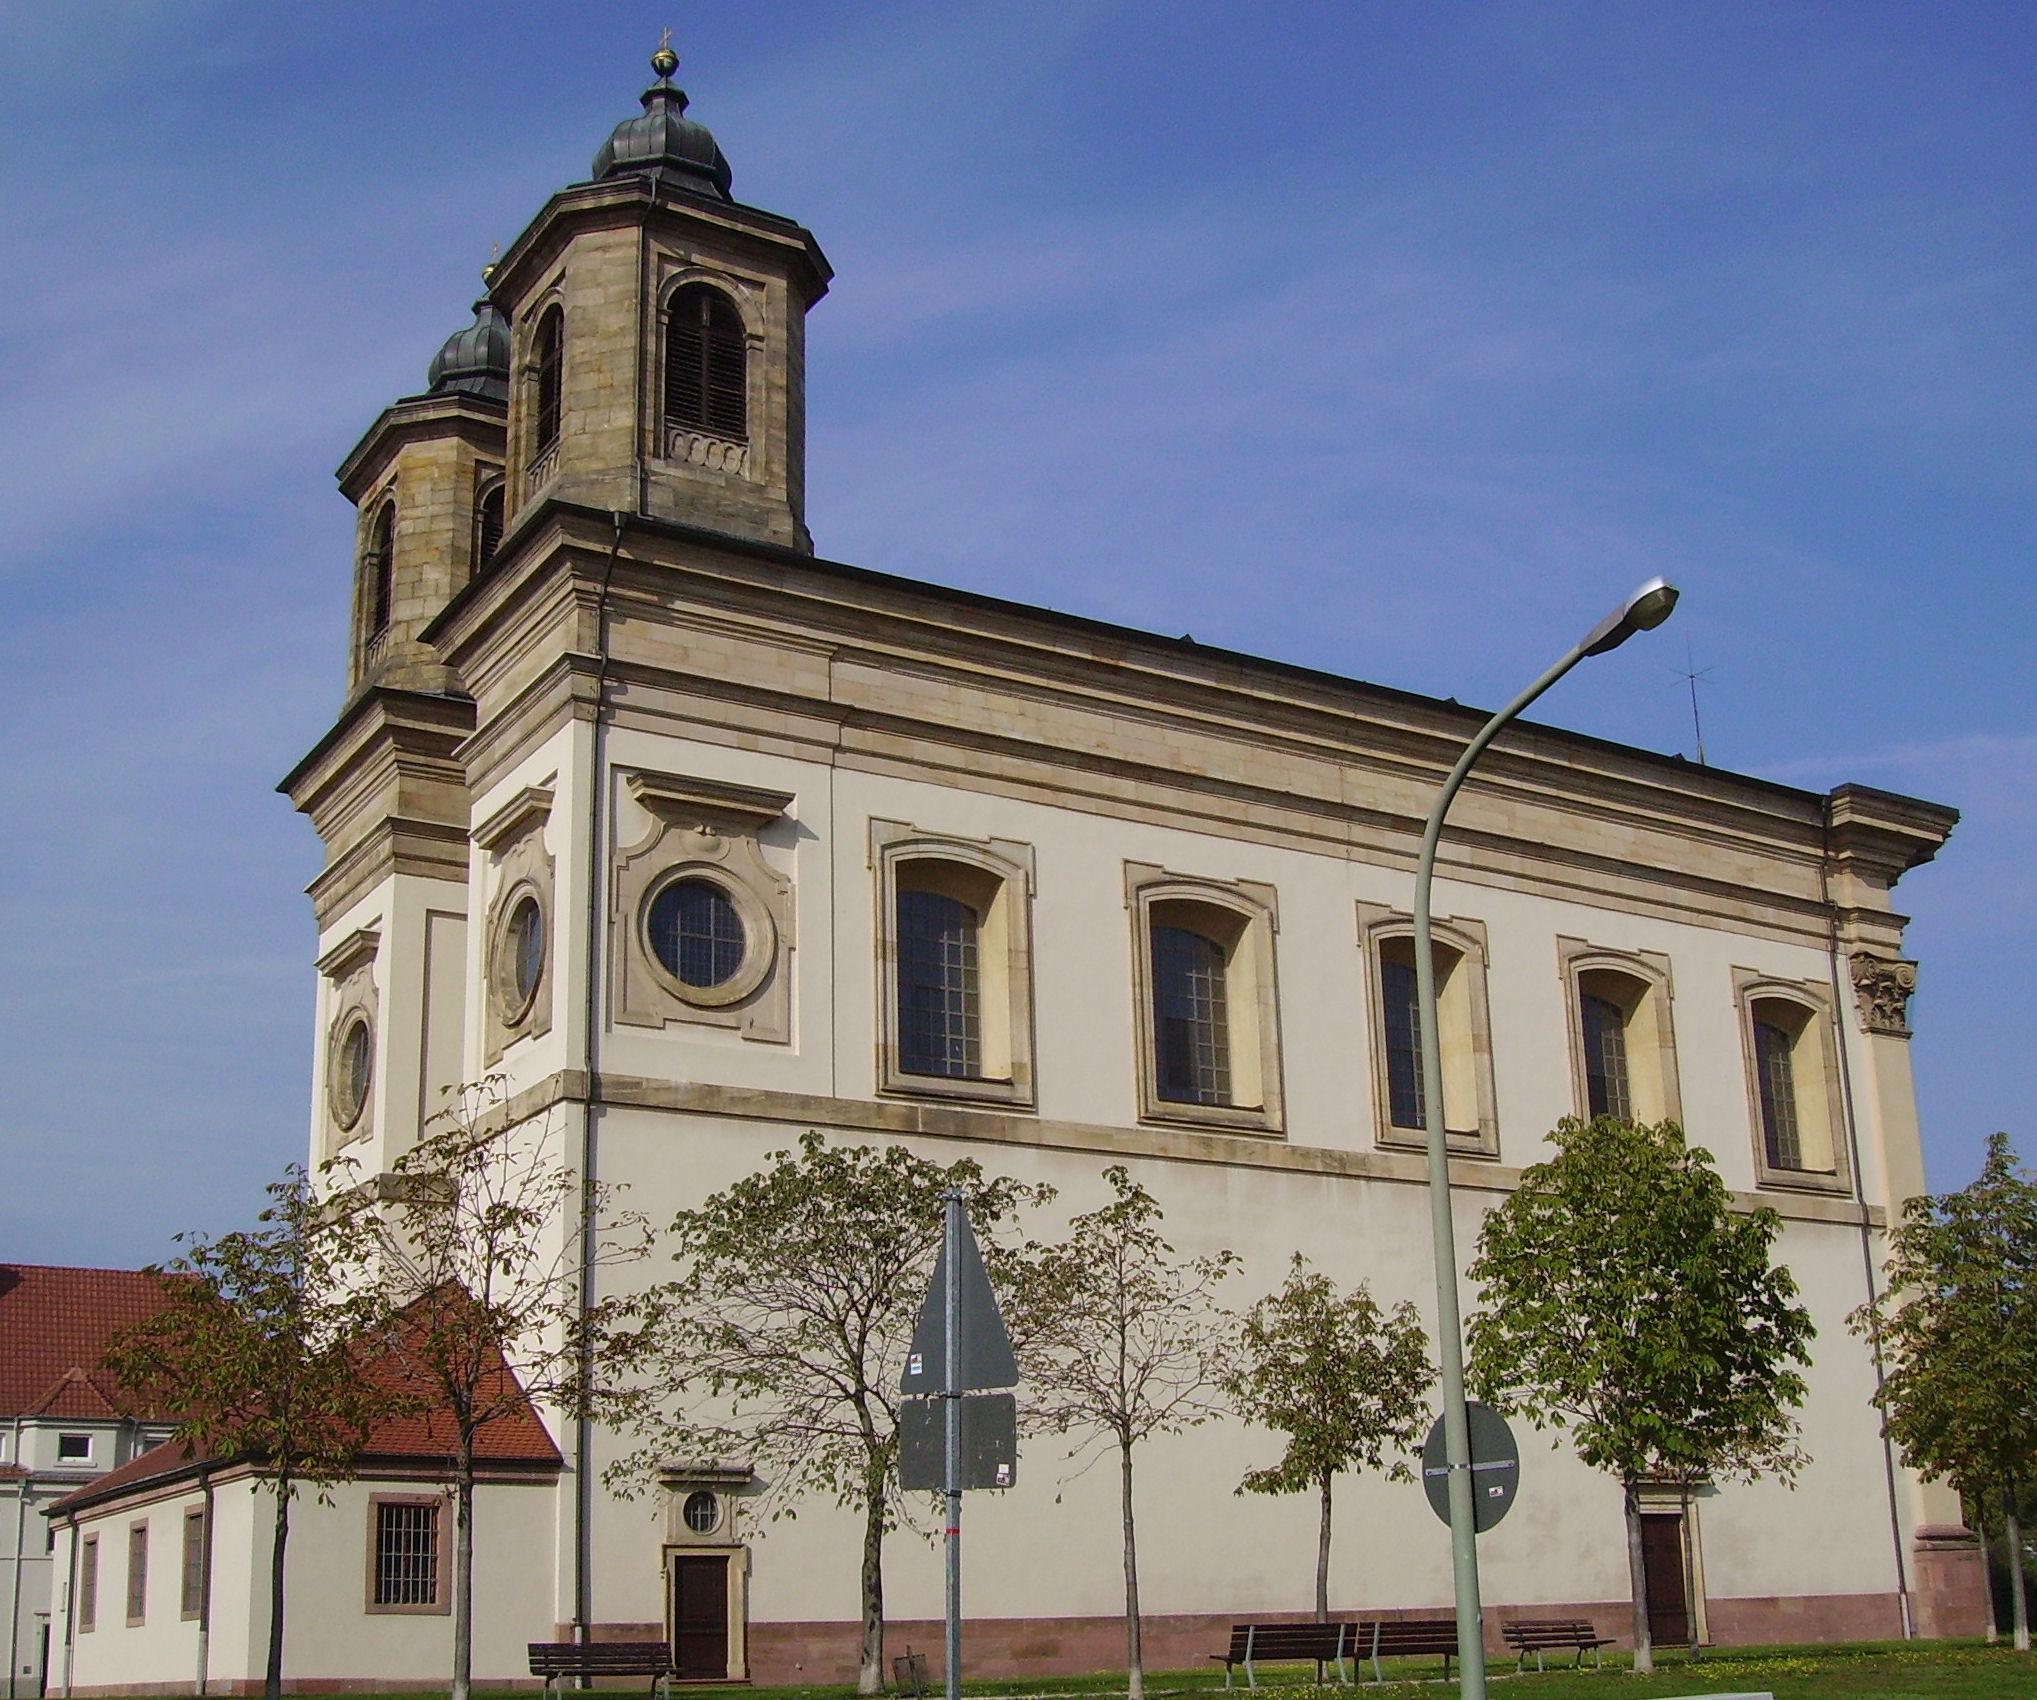 DateiLudwigshafenOggersheim Wallfahrtskirchejpg – Wikipedia